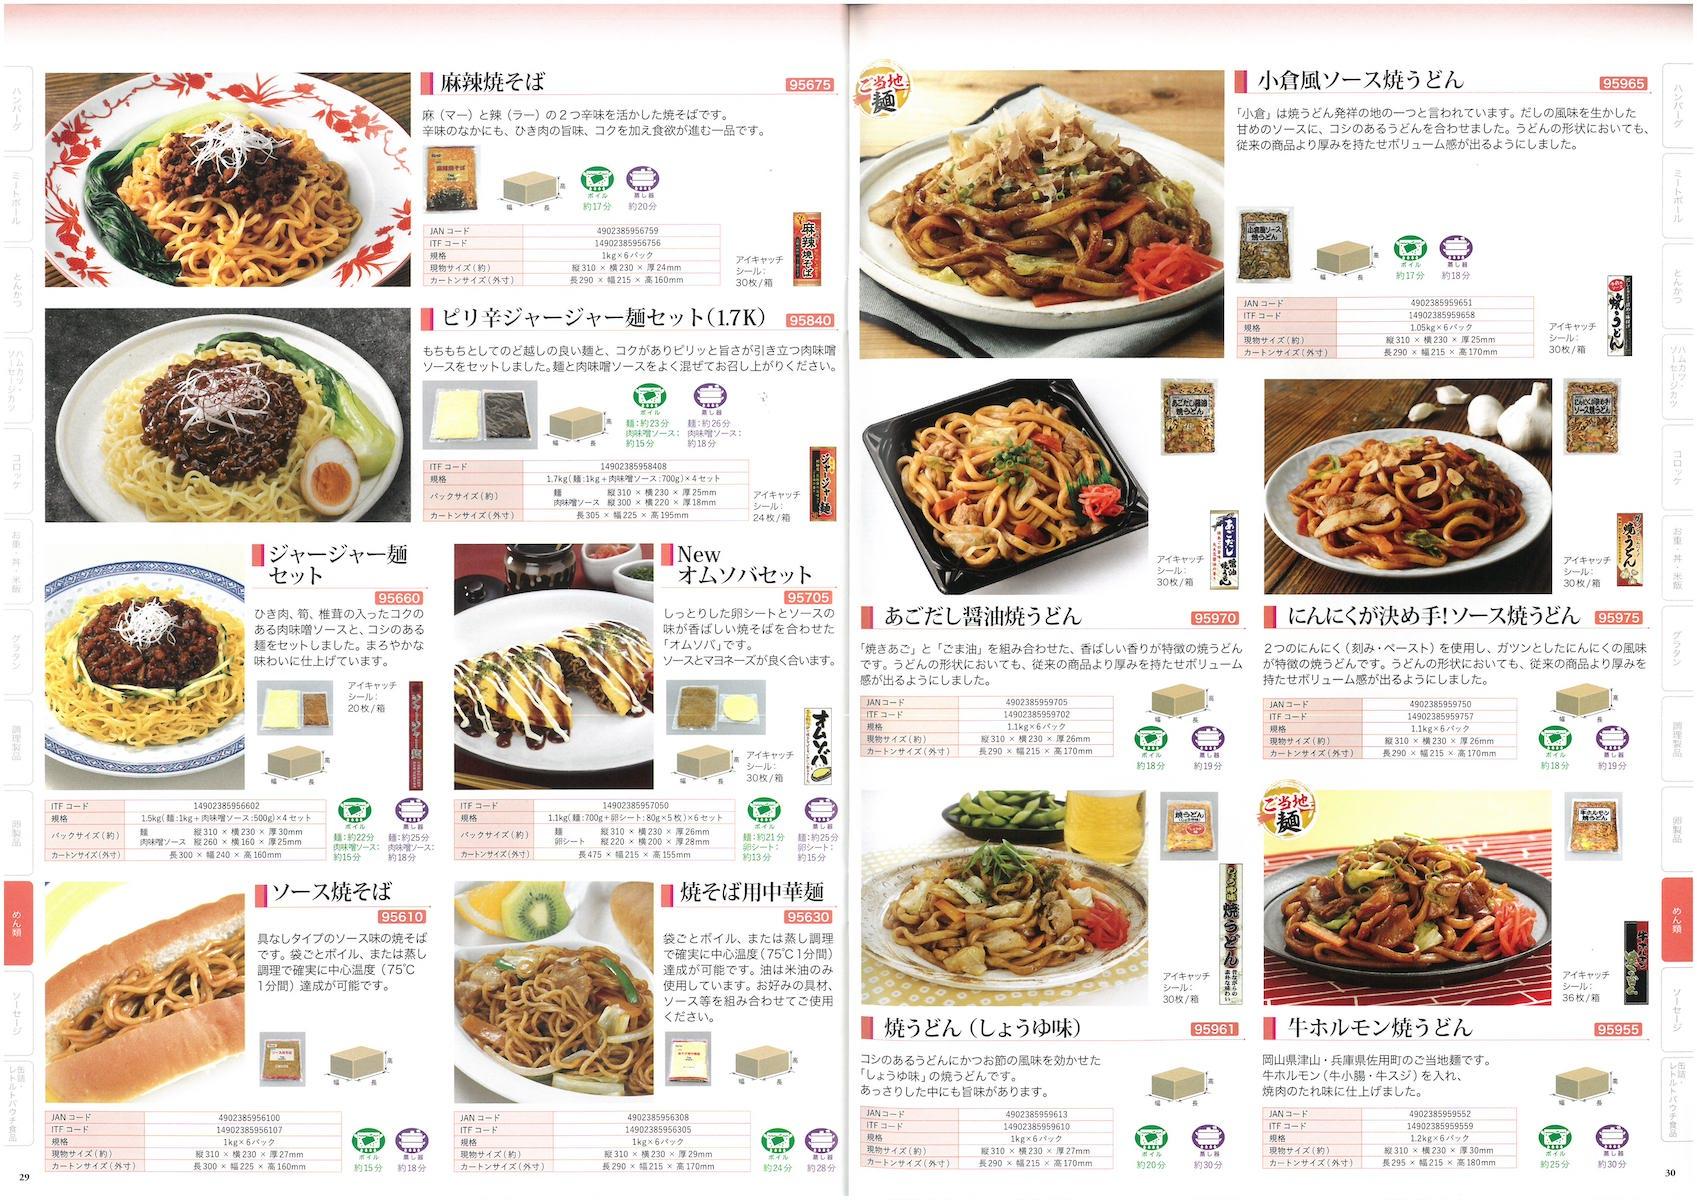 日東ベスト2021業務用食品総合カタログ Best Selection